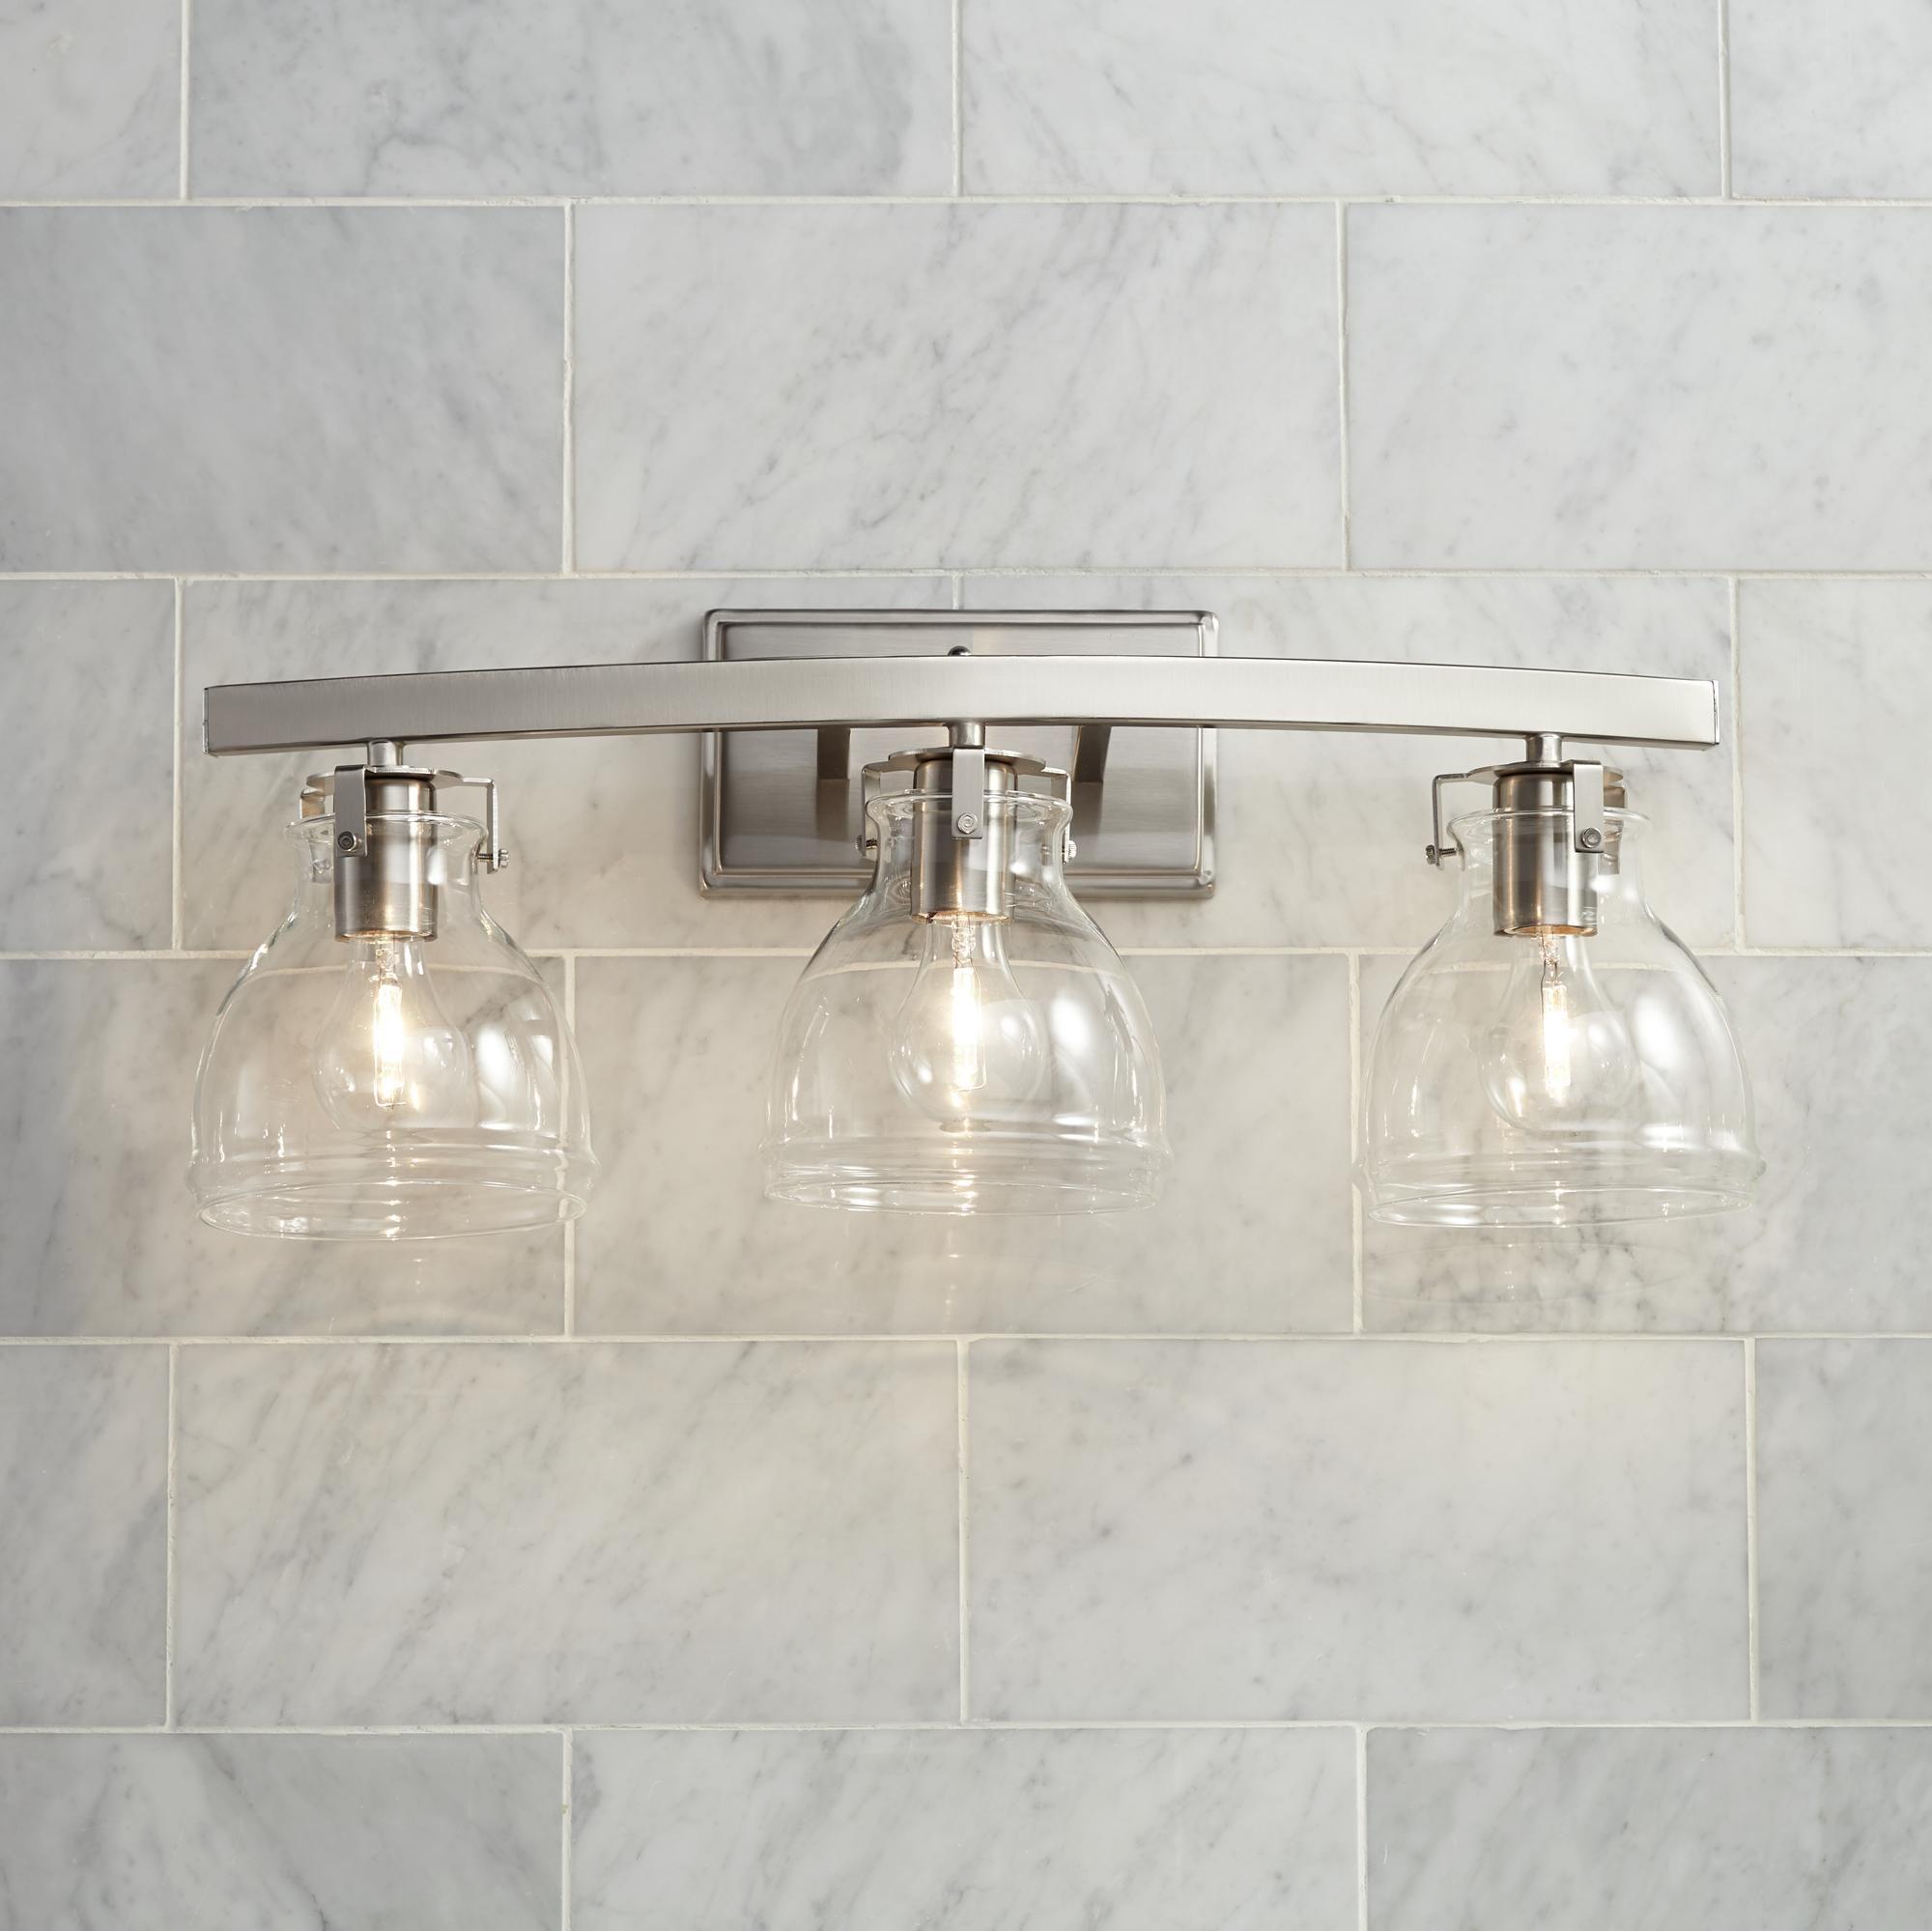 Bathroom Light Fixtures, Bathroom Lights Over Mirror Brushed Nickel